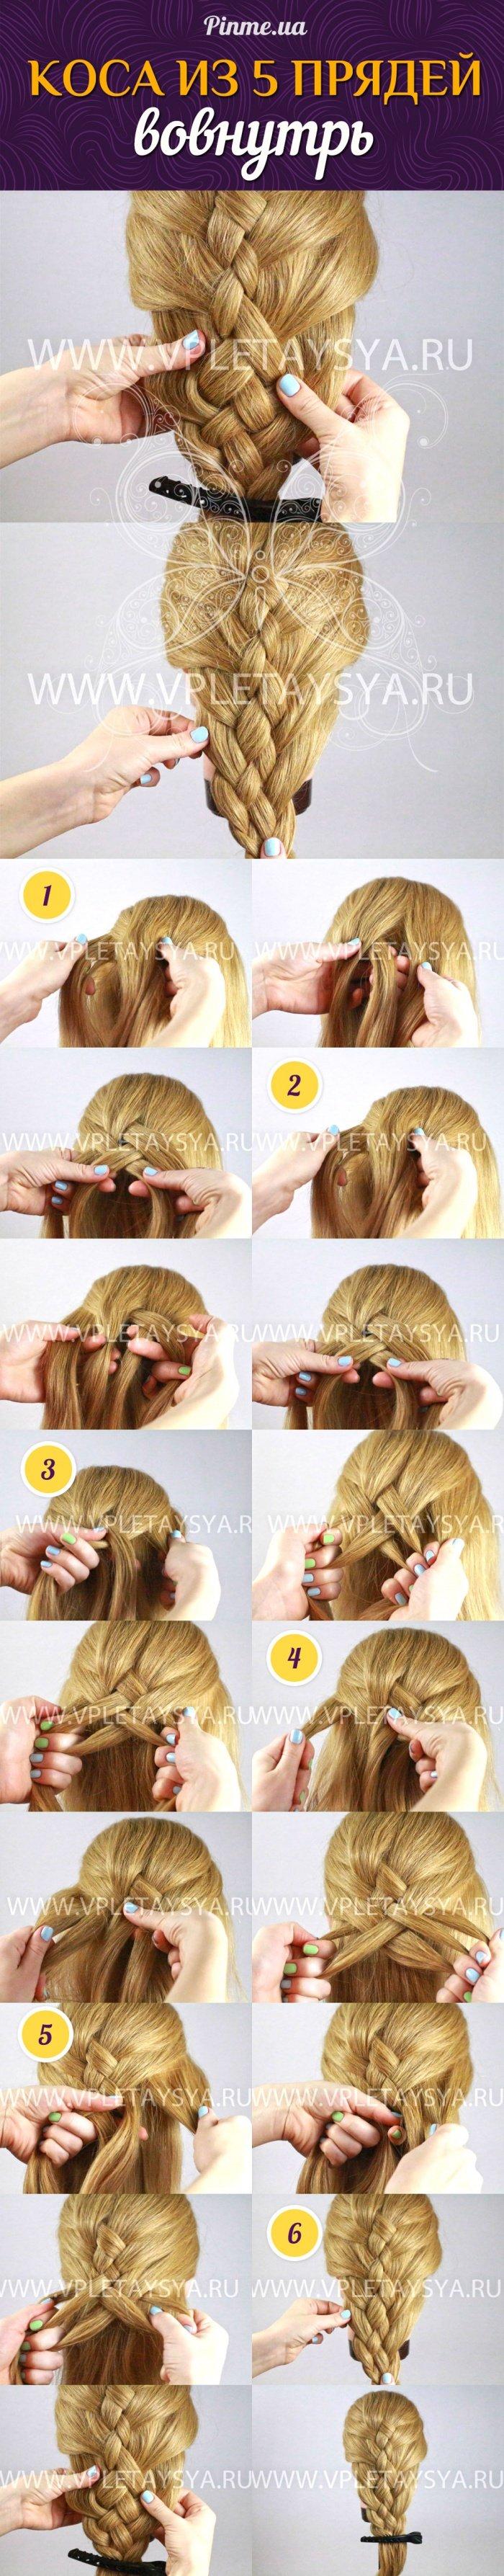 Как заплести косу из 4 прядей пошаговая инструкция фото